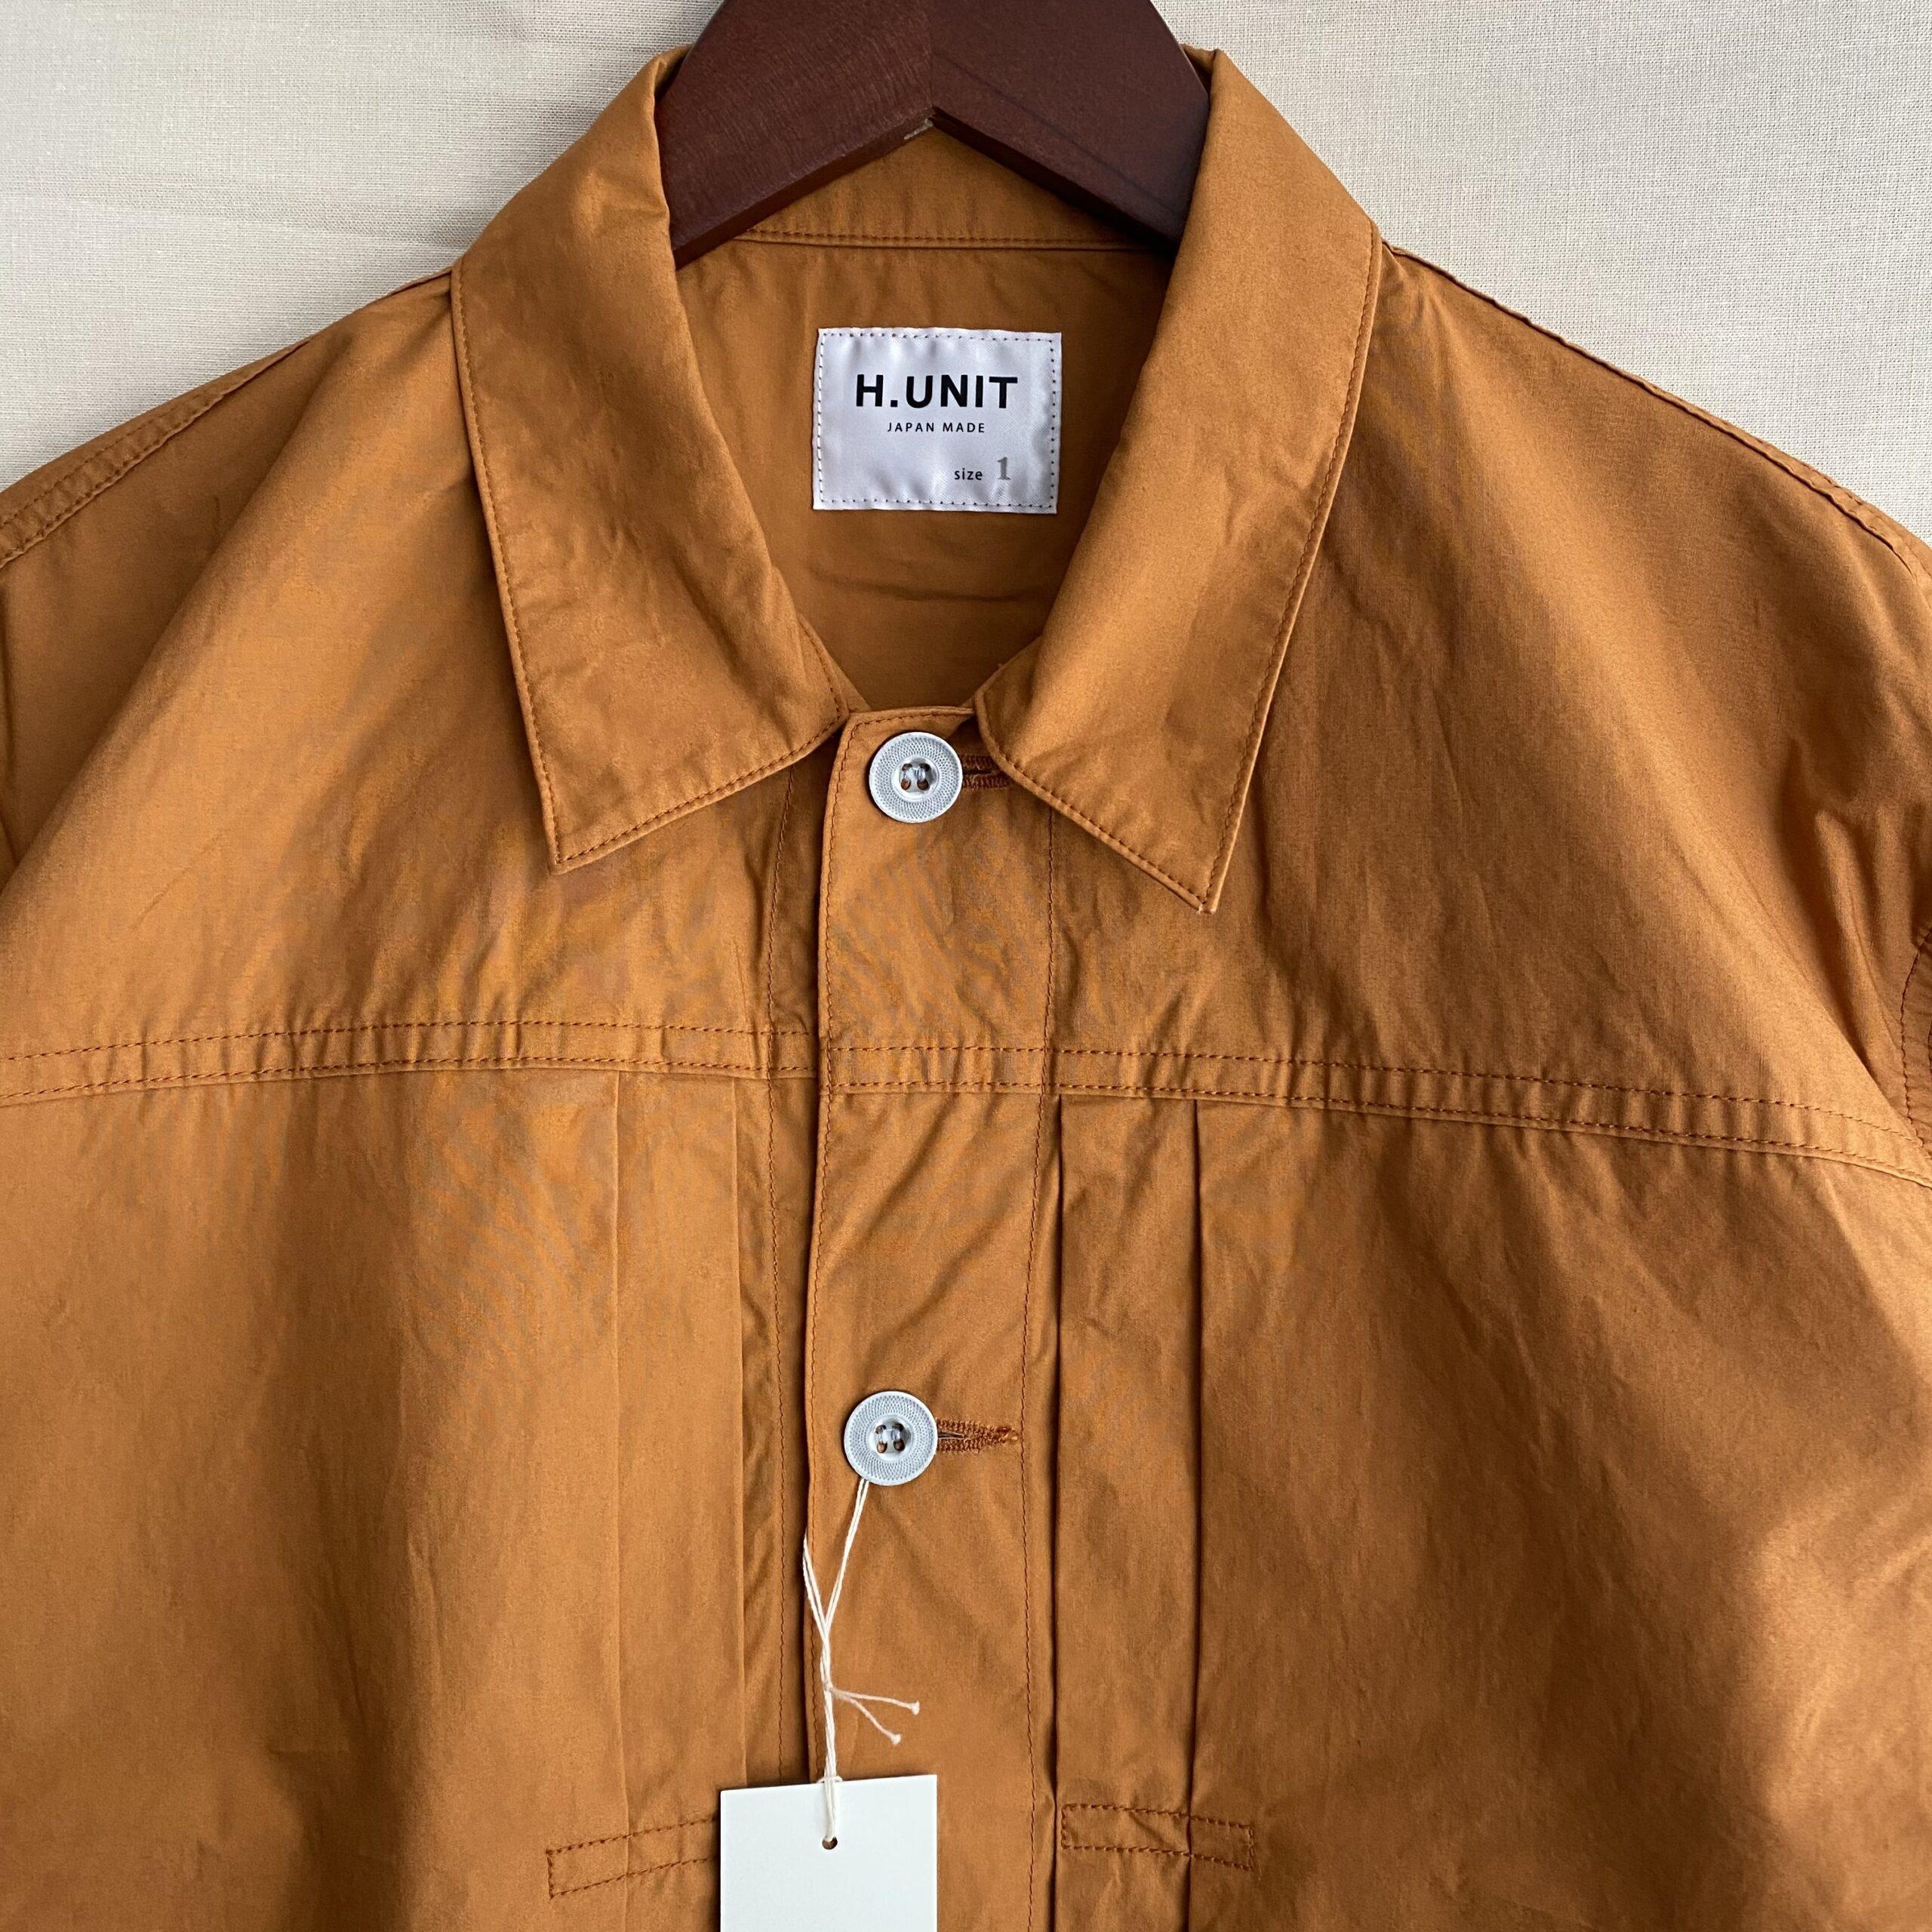 【H.UNIT】Typewriter work jacket/便利なシャツジャケット登場です。